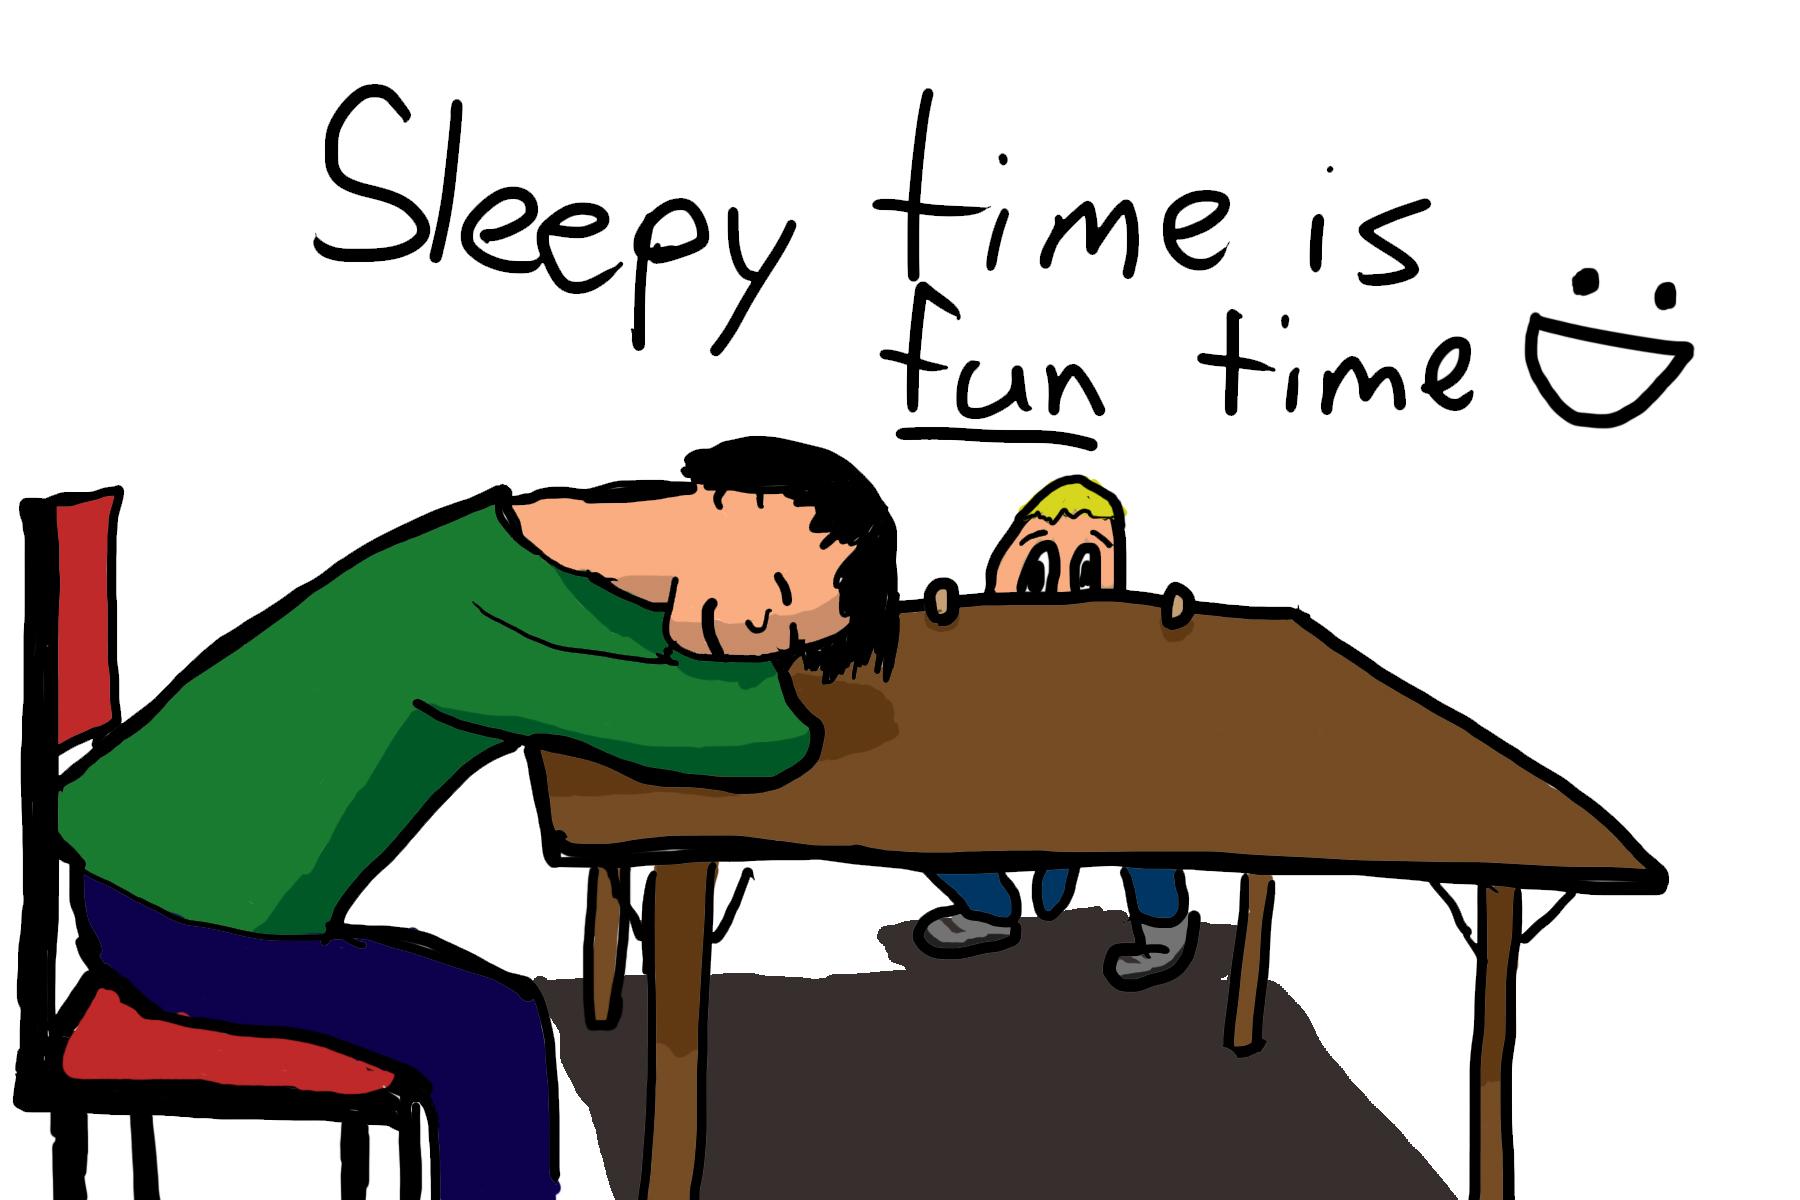 Sleepy Fun Time